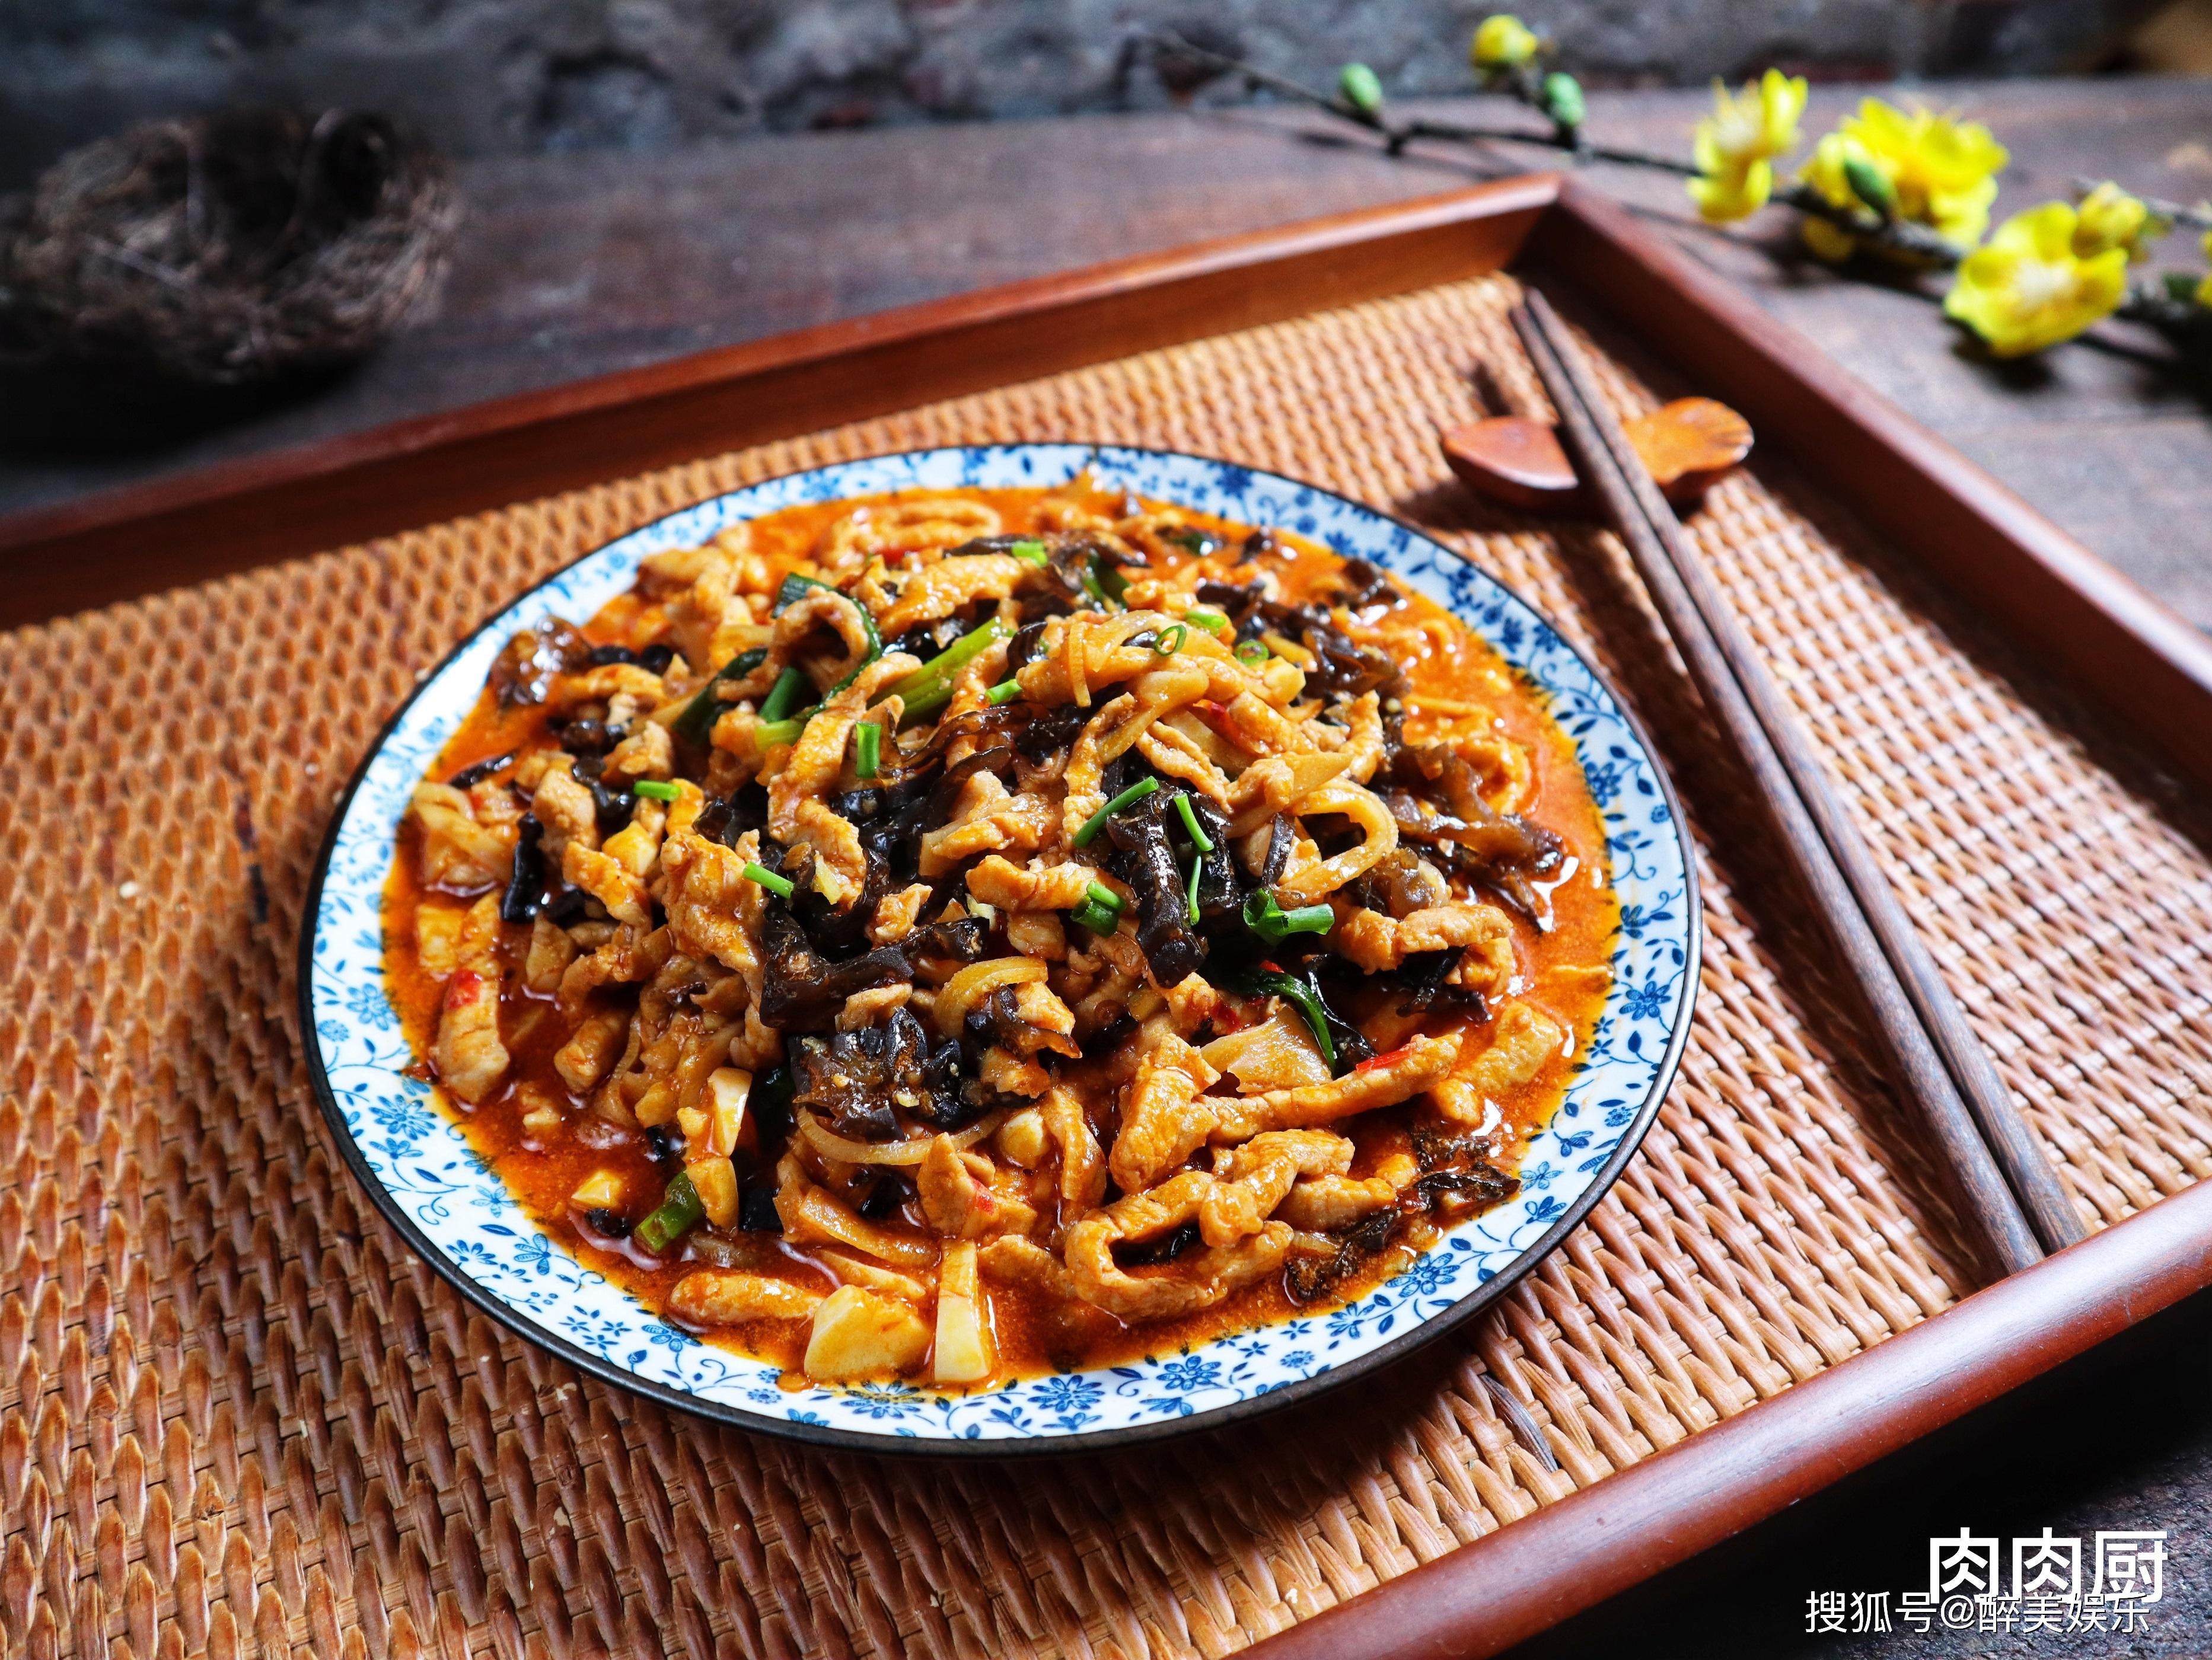 【肉丝这样做,又嫩又香,山珍海味比不上,用来拌饭吃,连汤汁都不剩!